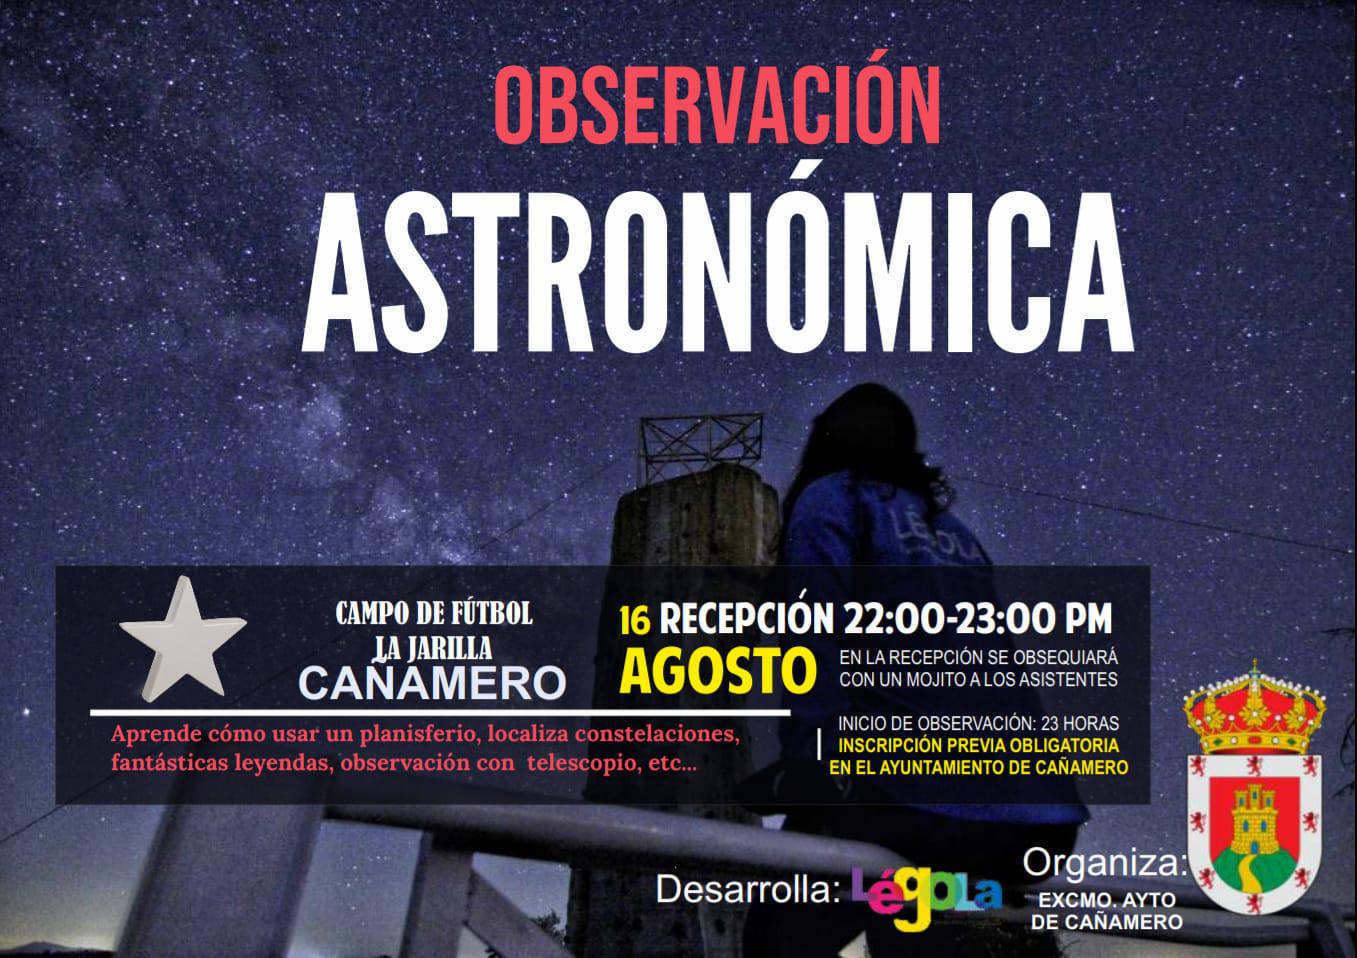 Observación astronómica (2020) - Cañamero (Cáceres)